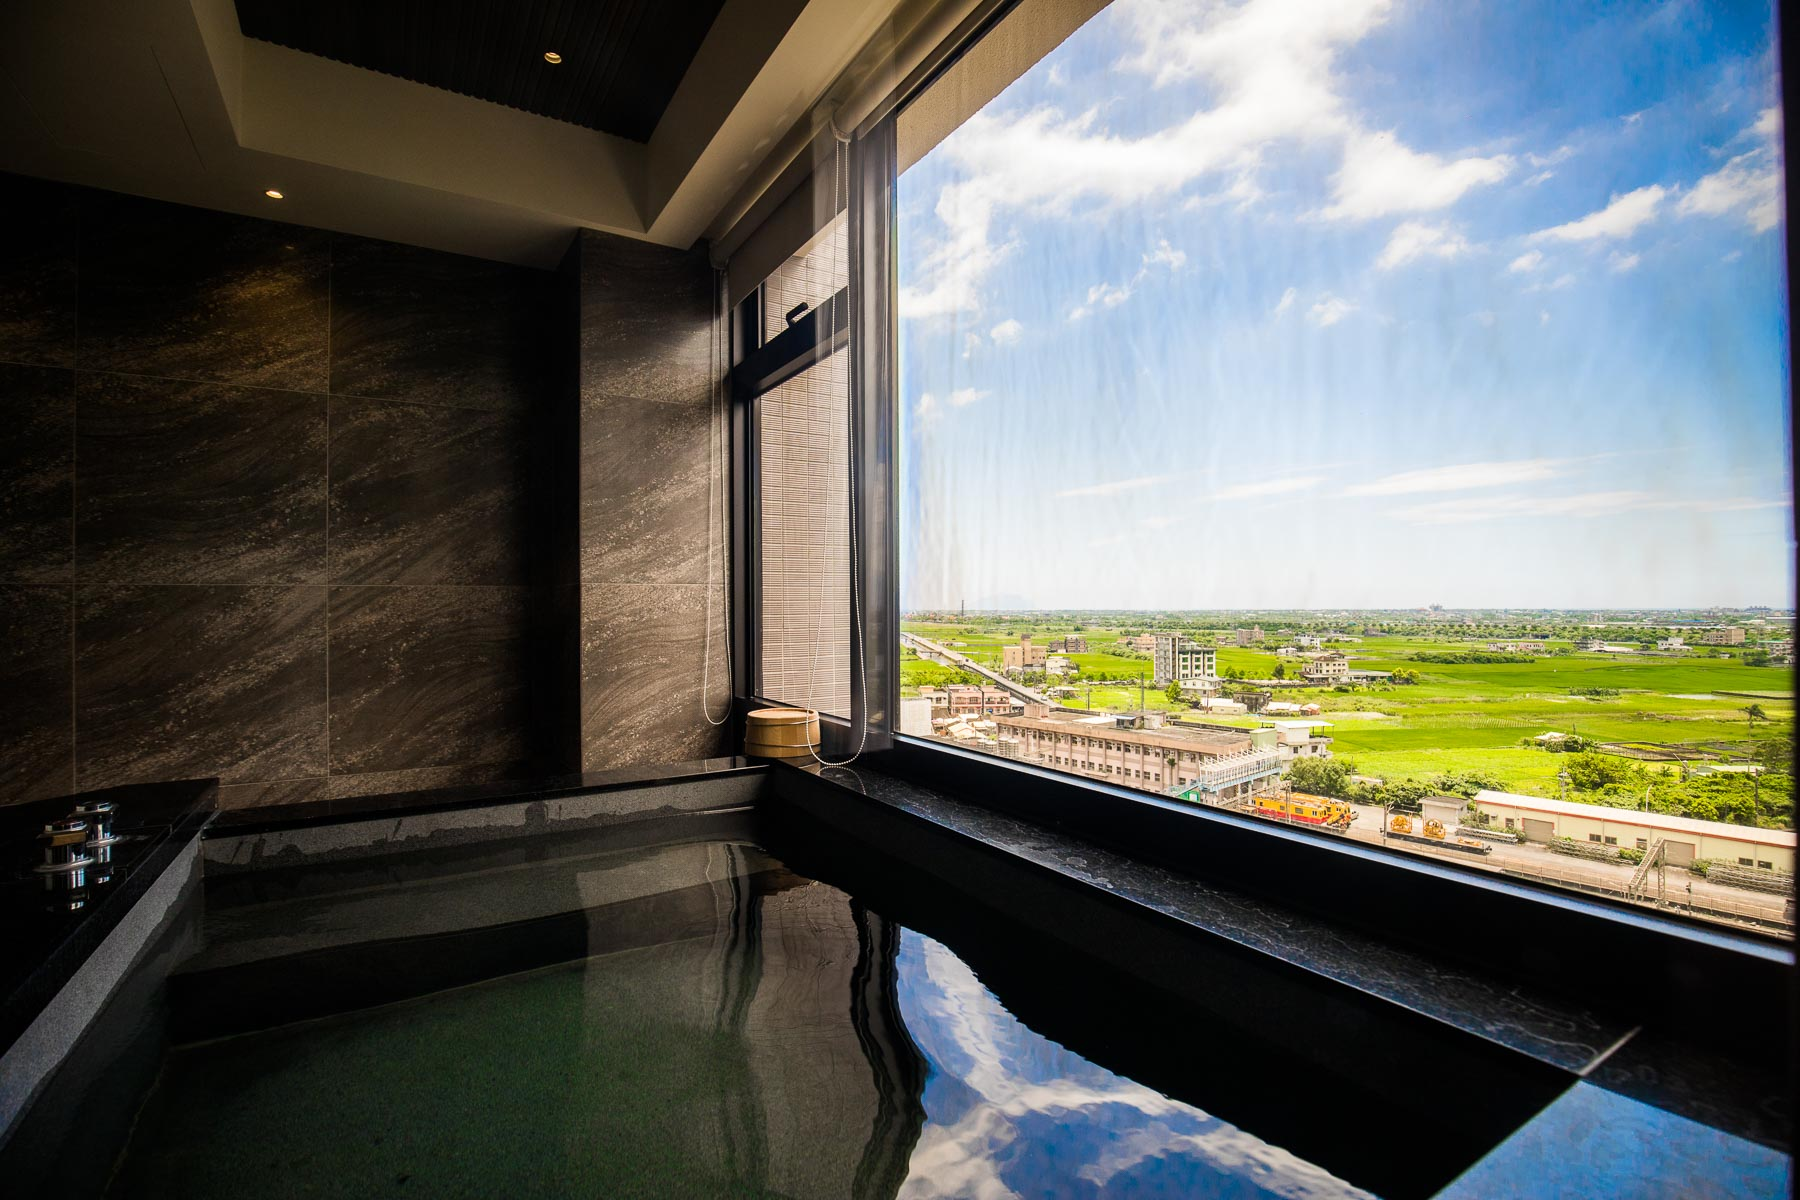 礁溪溫泉流速之最!這間溫泉浴池放水有夠快,湯池超大還能看龜山島!礁溪山形閣溫泉飯店